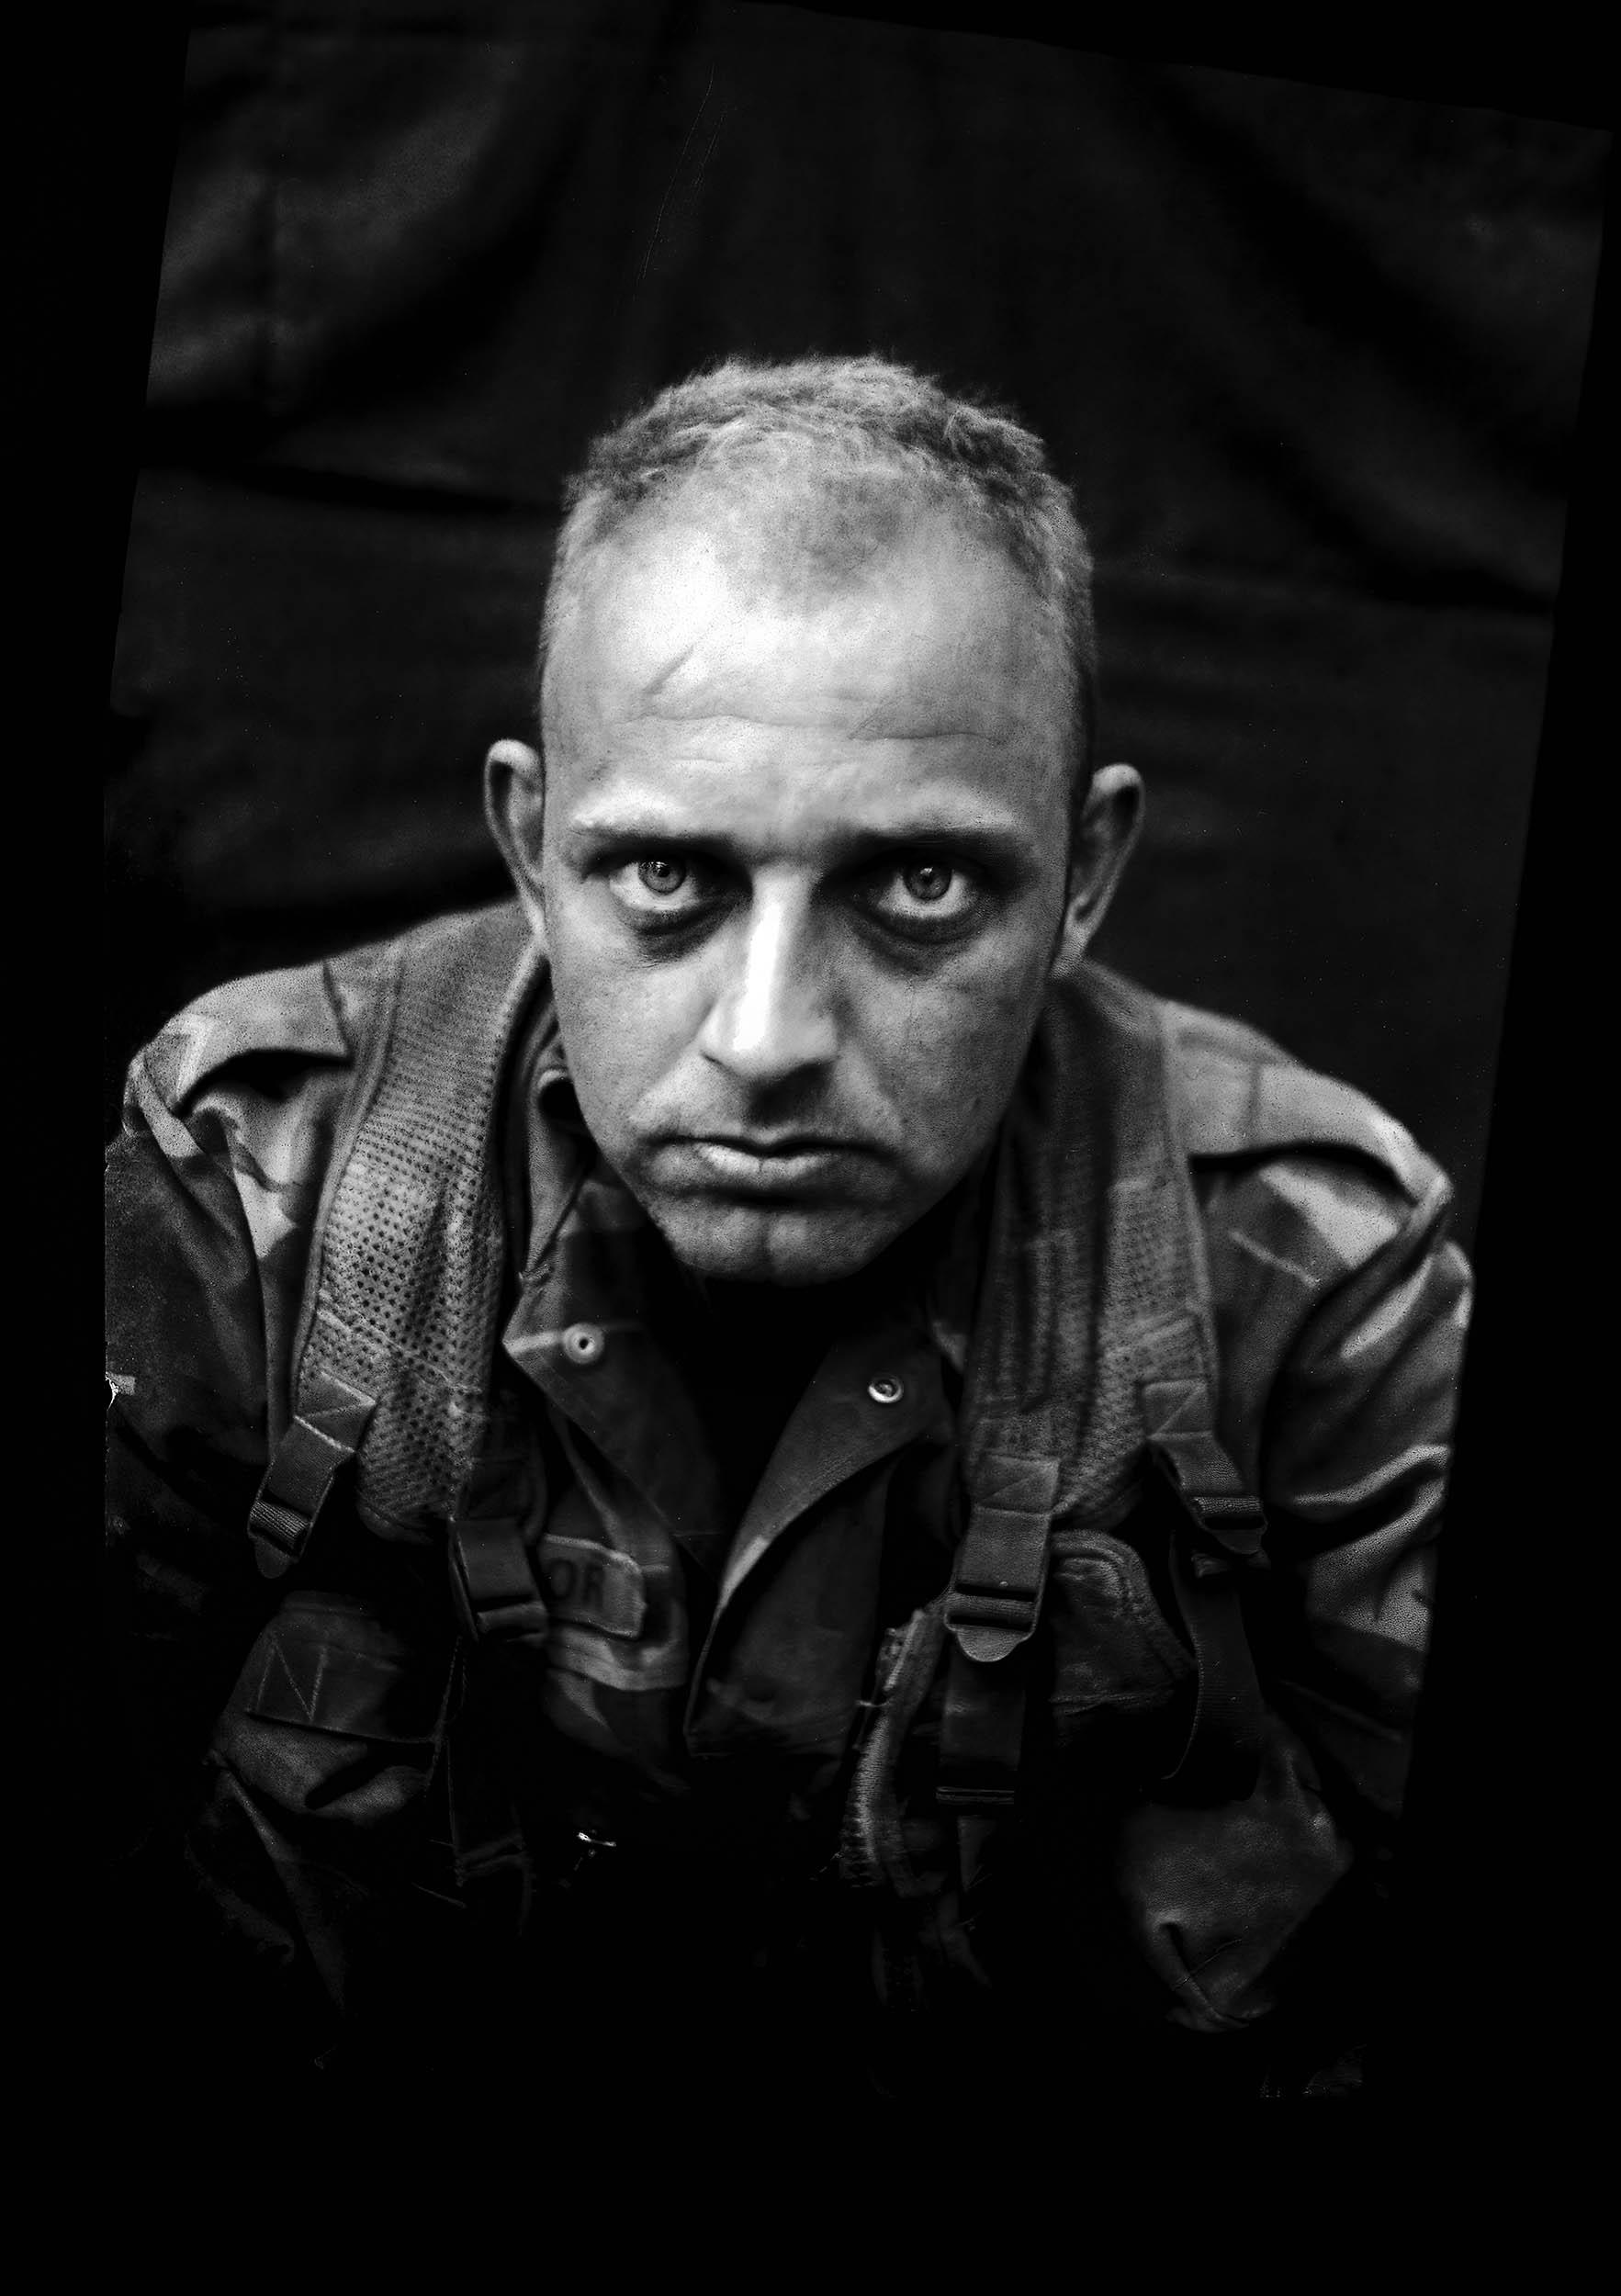 Sergeant Maarten, ammunition officer